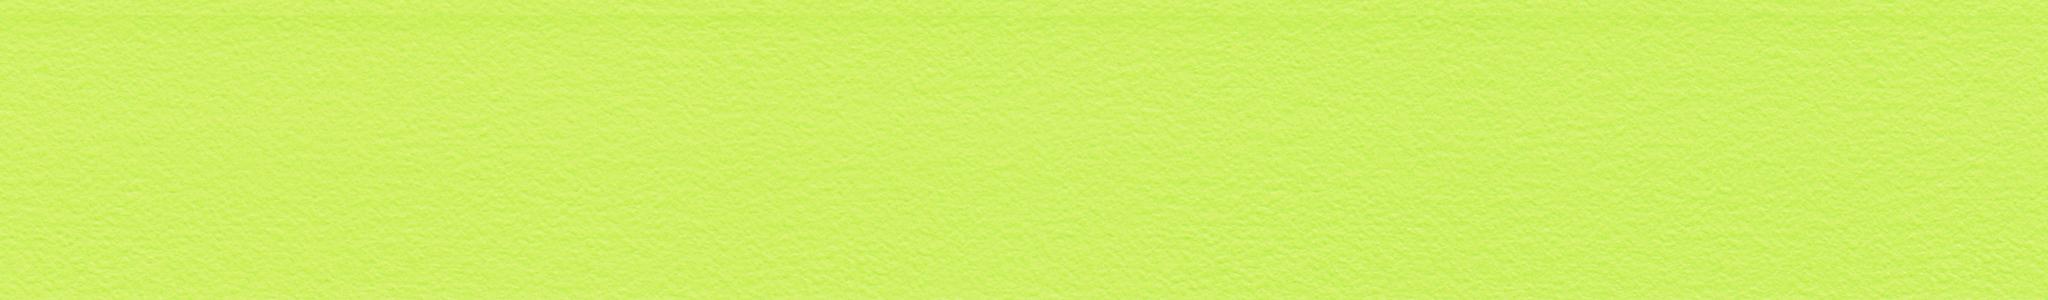 HU 160639 кромка ABS зеленая жемчуг тонкая структура 107